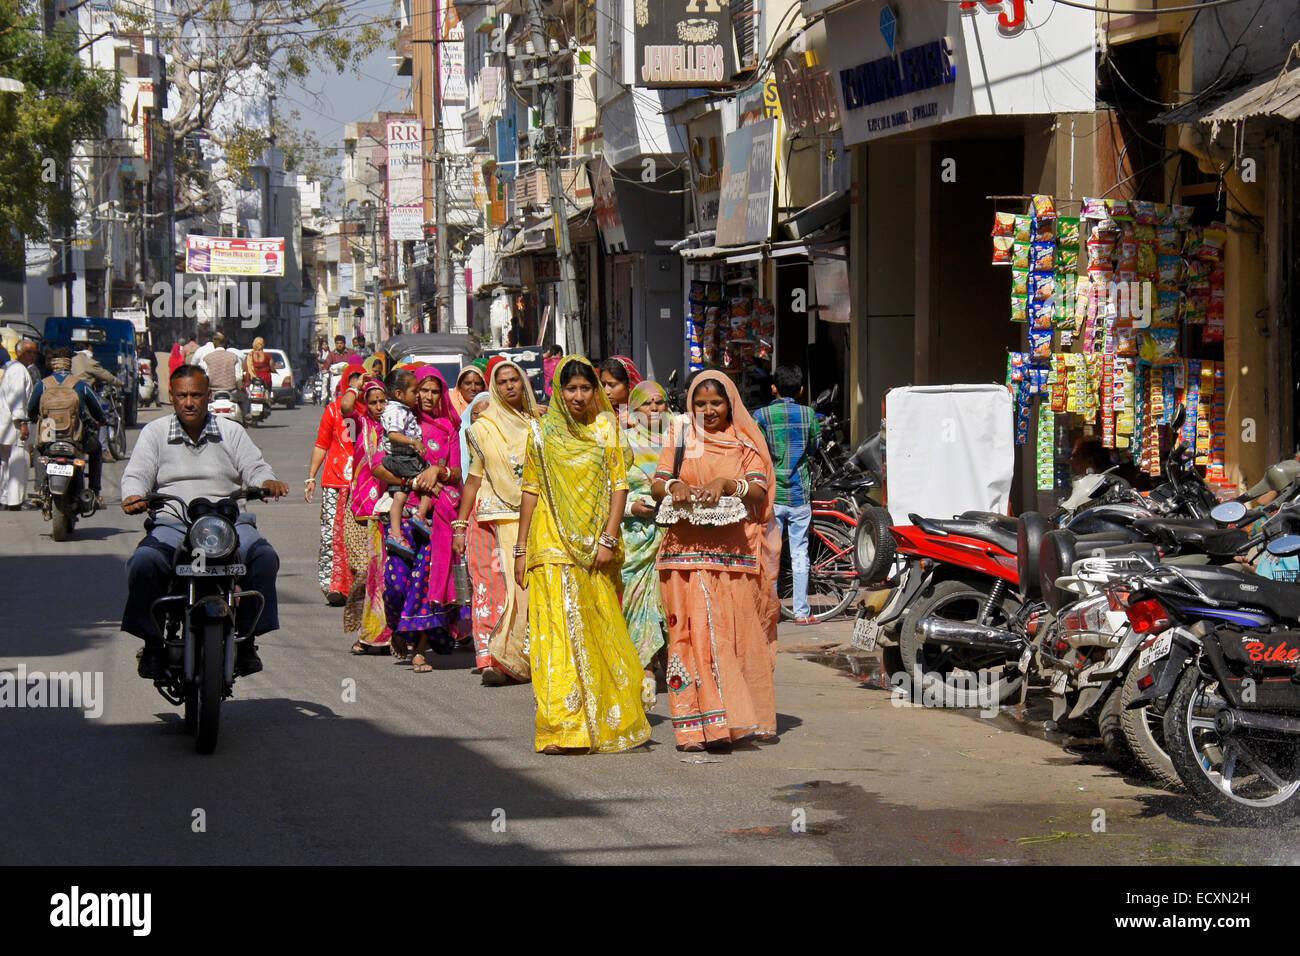 Le donne a piedi su strada nel quartiere commerciale, Udaipur, Rajasthan, India Immagini Stock